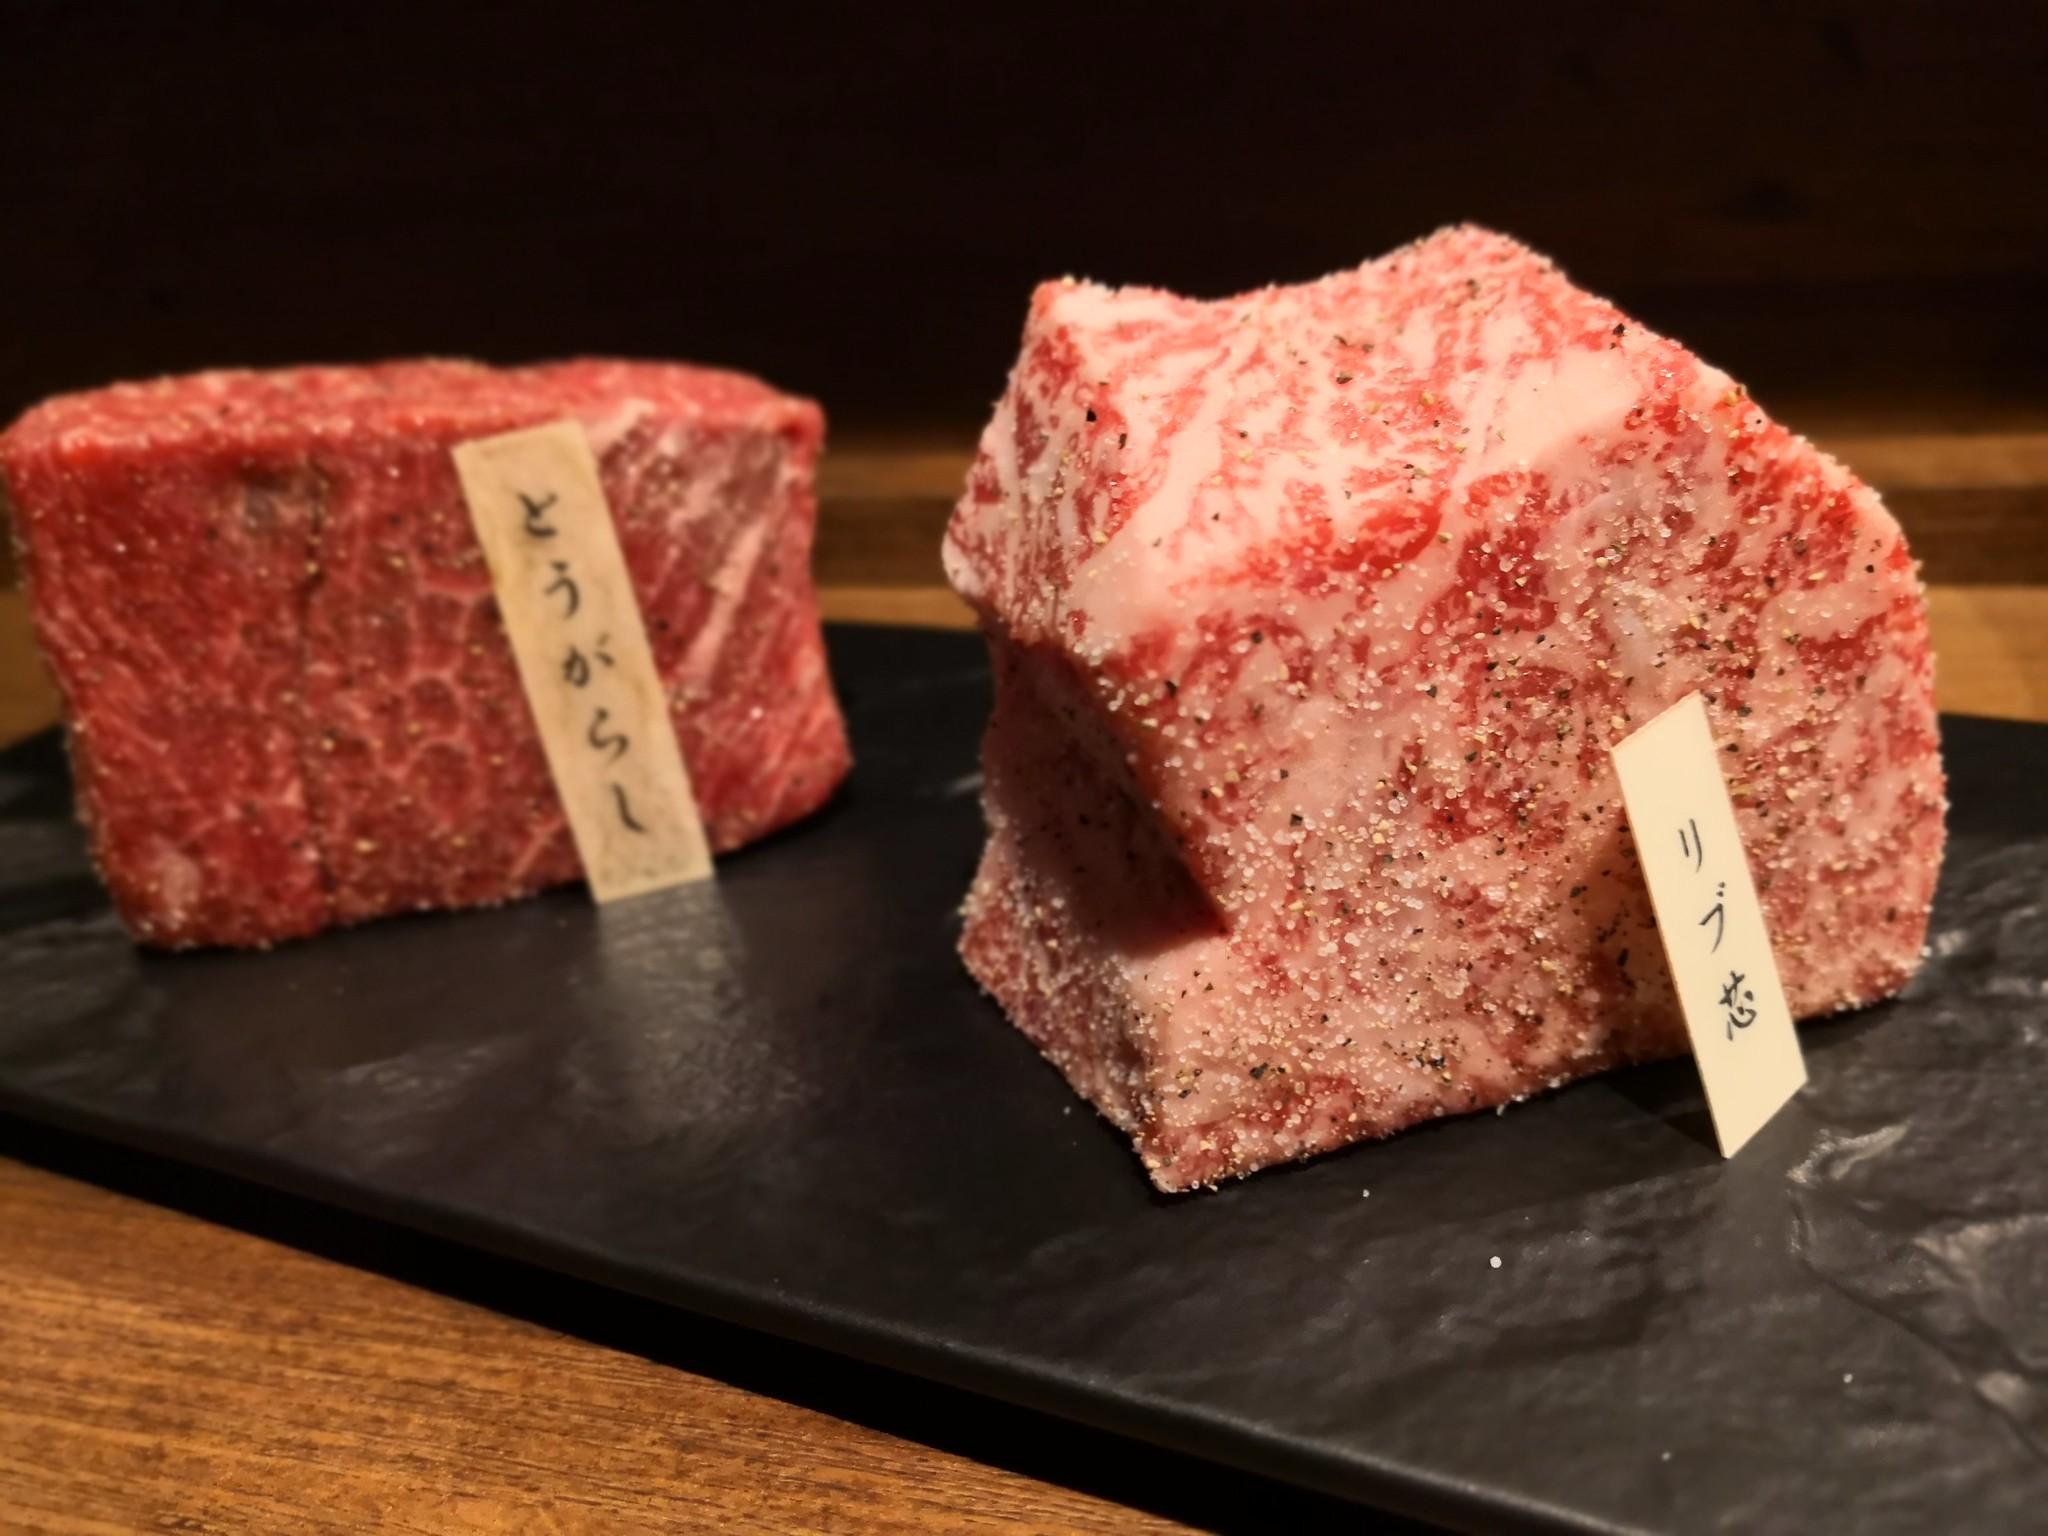 【三宿】炭焼喰人三宿@横浜熟成肉の名店が三宿でおしゃれに美味しくパワーアップ!